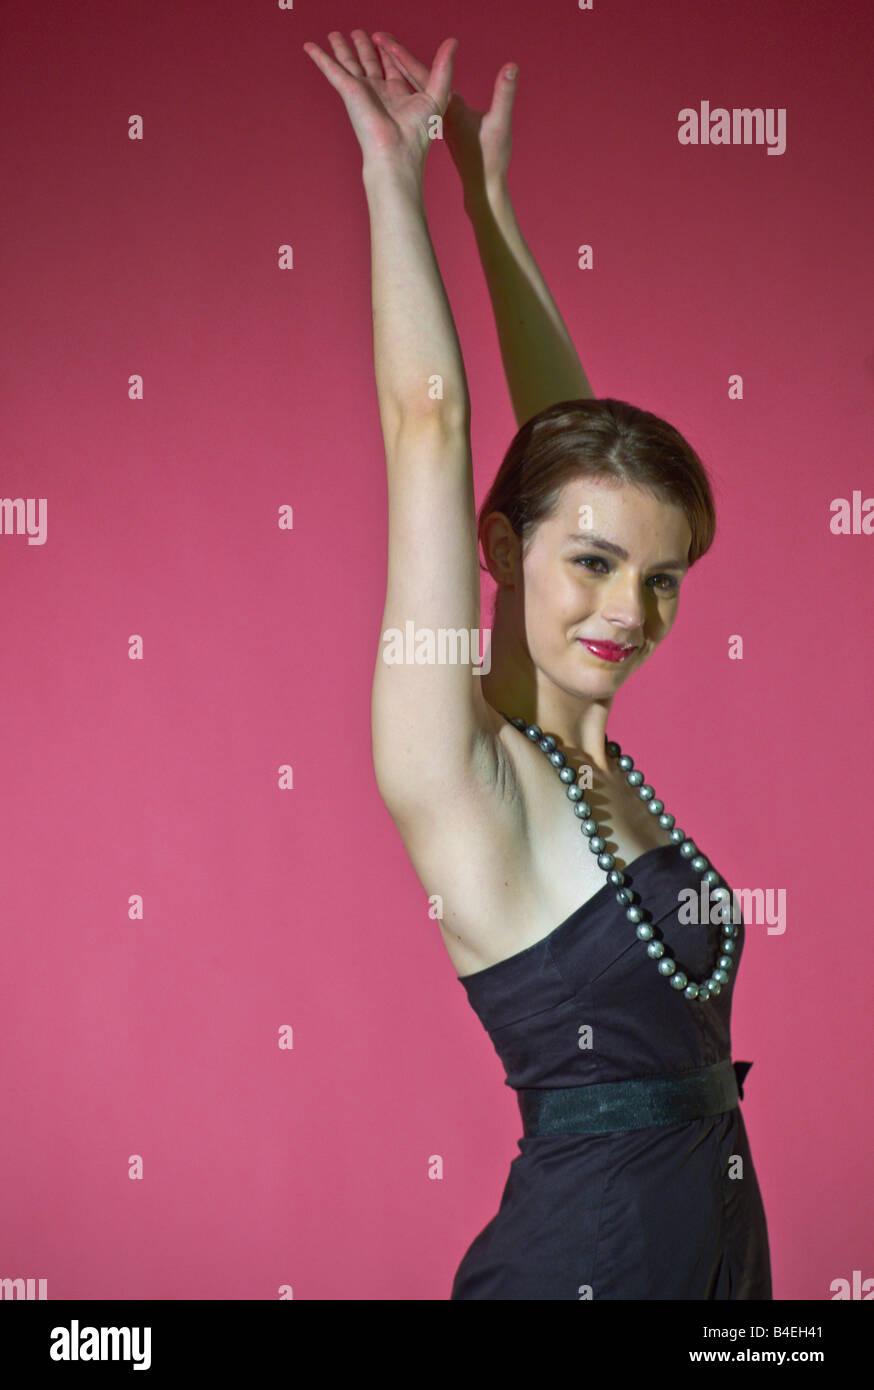 Jeune modèle fond rose, modèle publié Banque D'Images